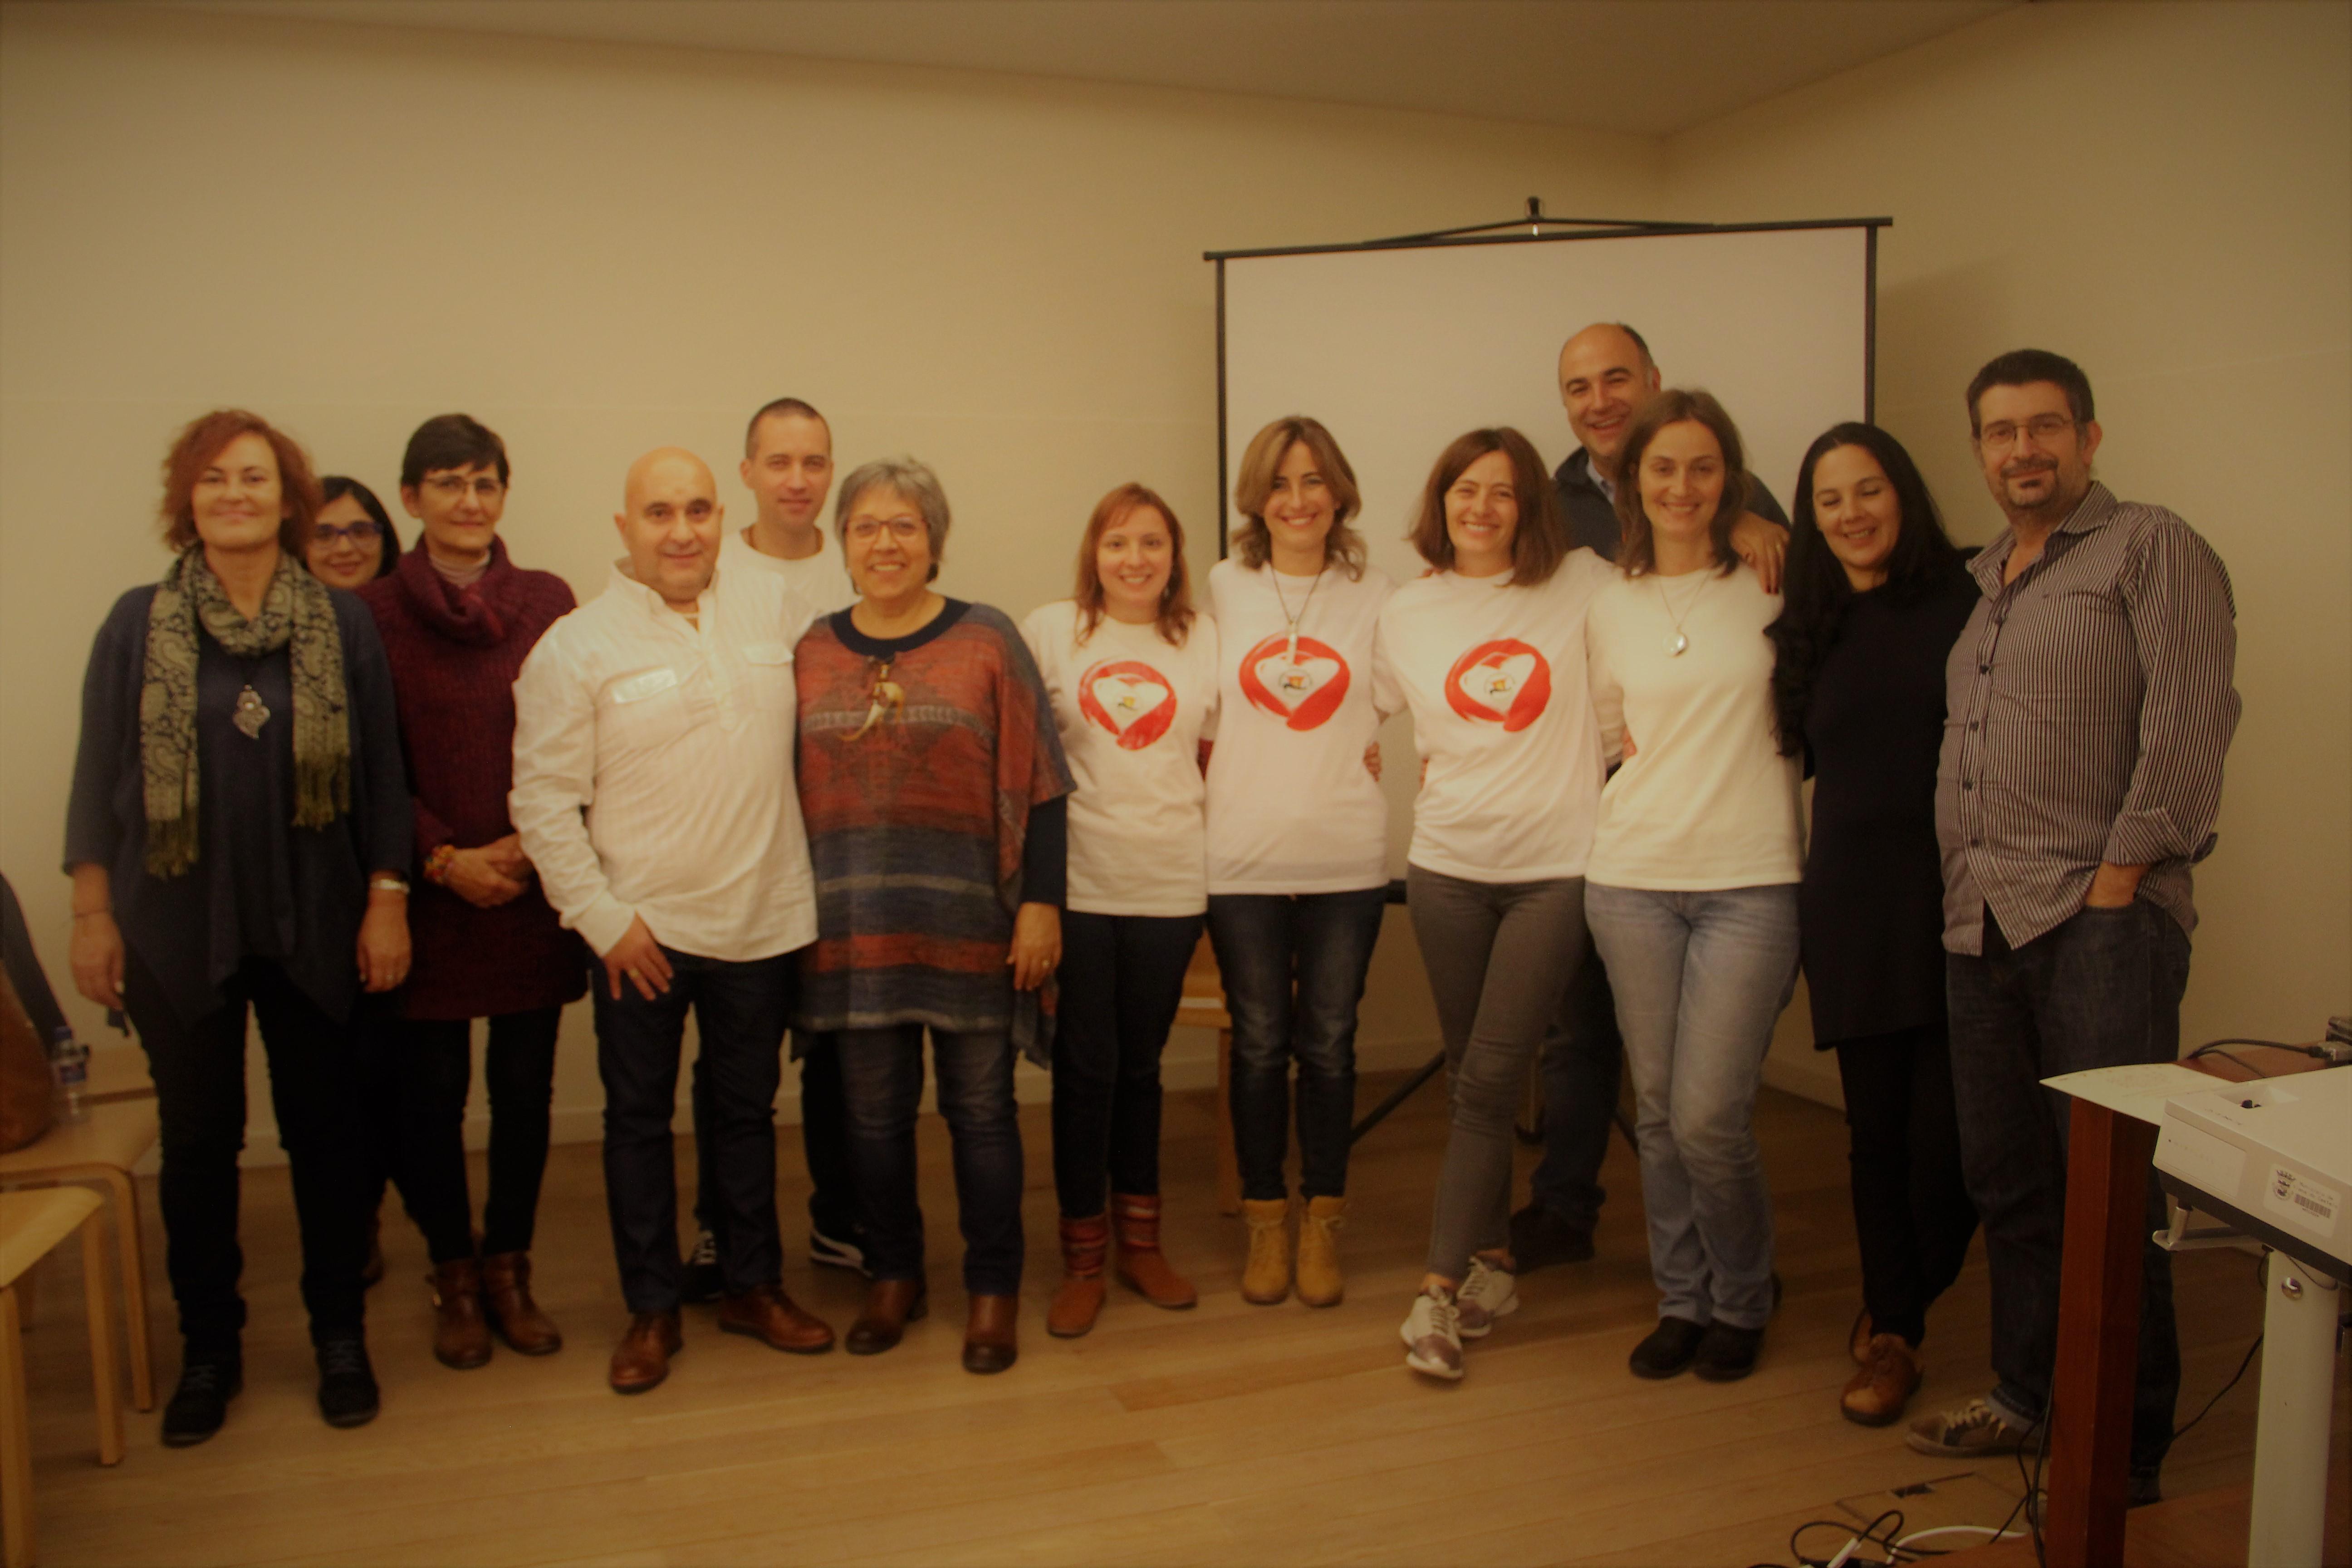 Jornadas de Terapeutas de Reiki em Viana do Castelo